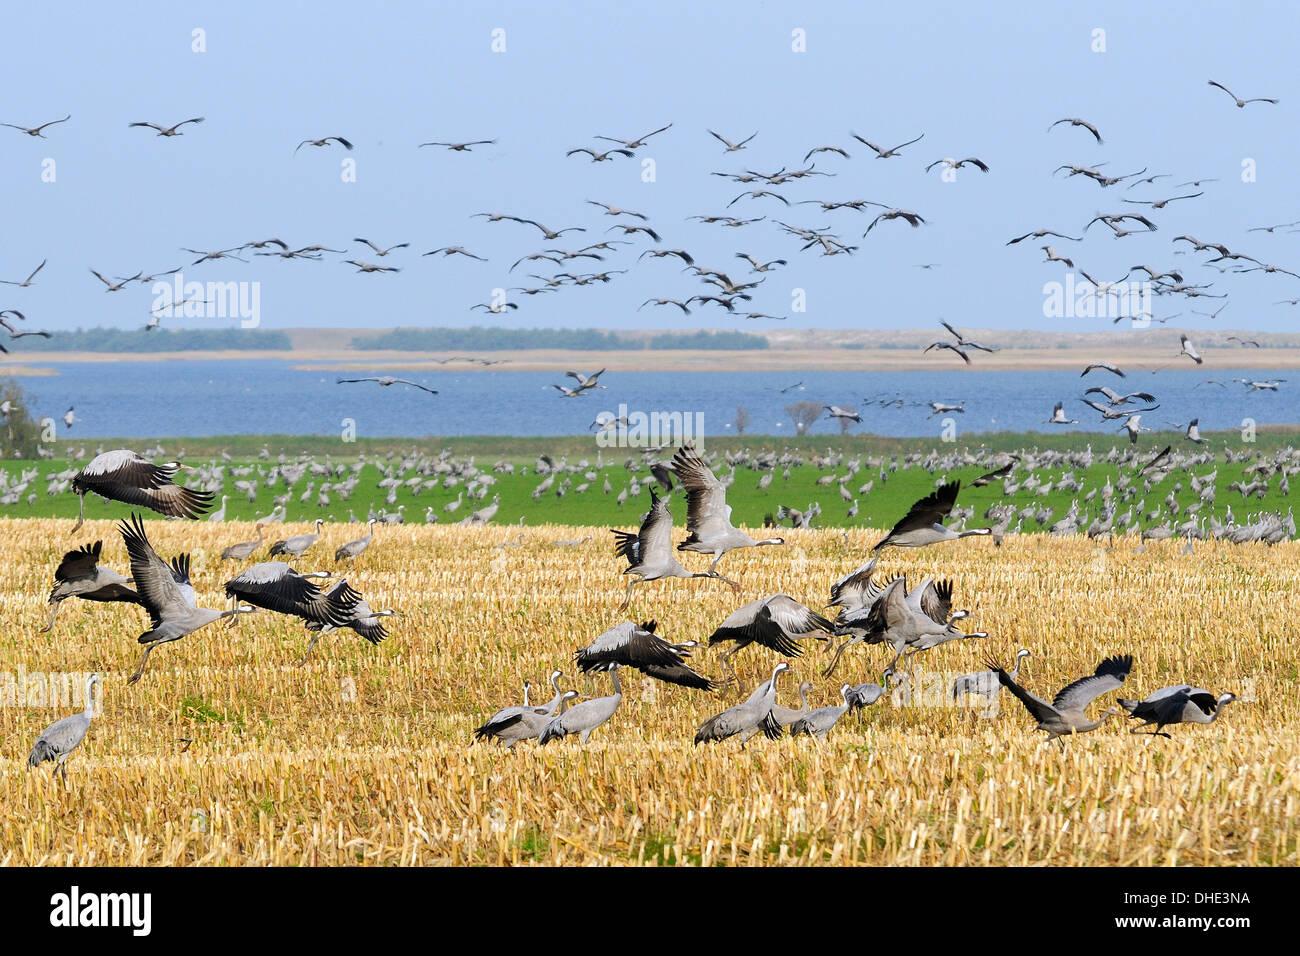 Common / grue Eurasienne (Grus grus) troupeau décollant de chaume de maïs près de la côte de la mer Baltique, Hohendorf, Allemagne du nord. Banque D'Images